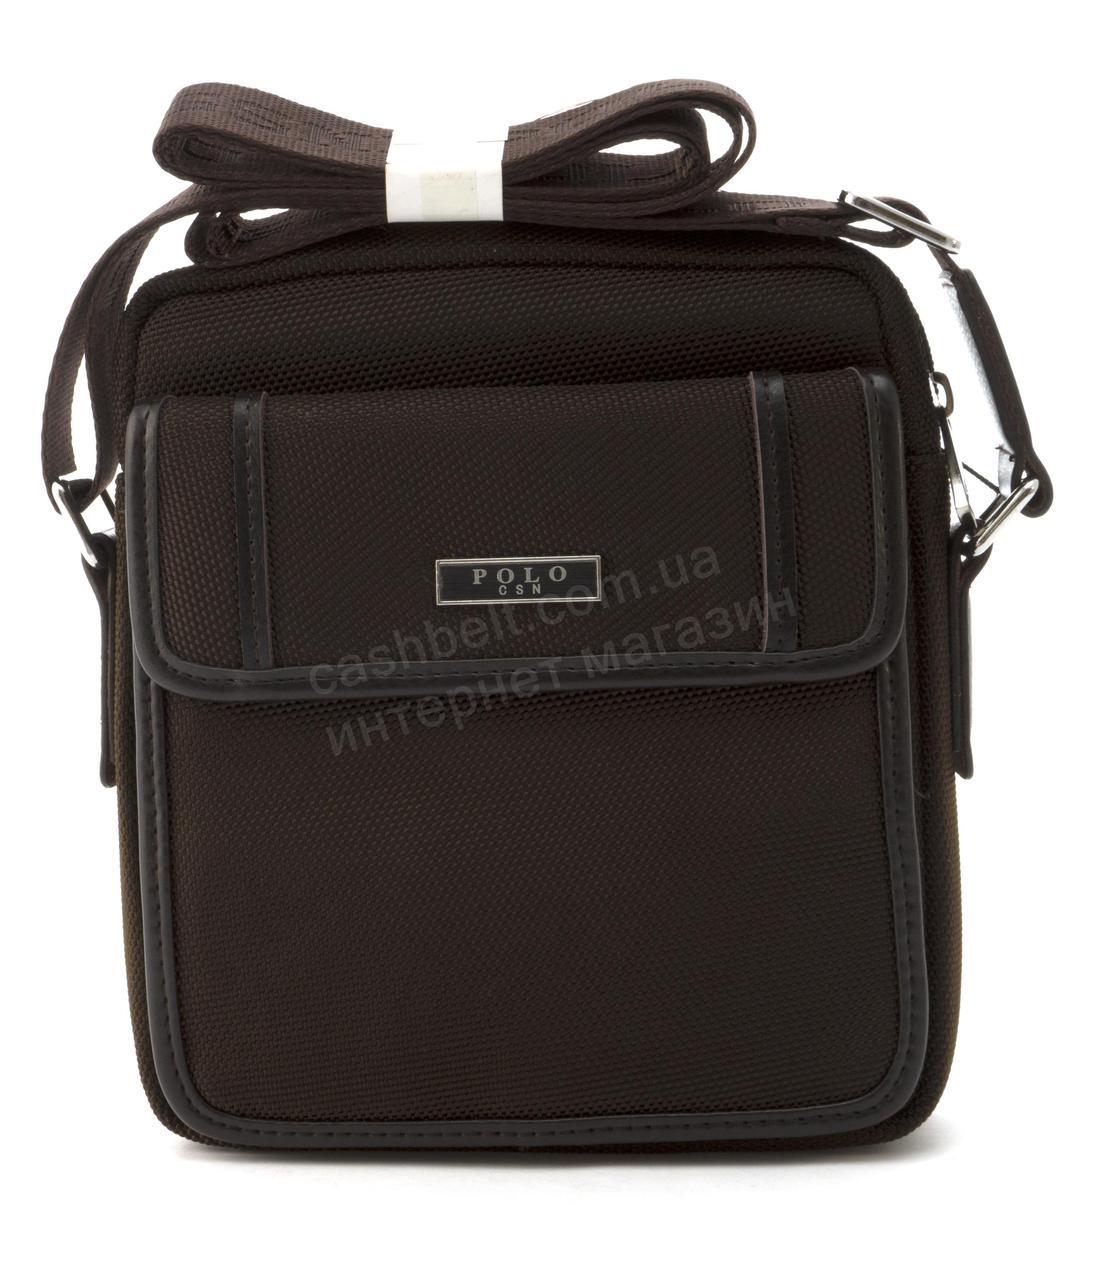 Очень прочная тканевая мужская небольшая наплечная сумка POLO art. 661-2 темно коричневая